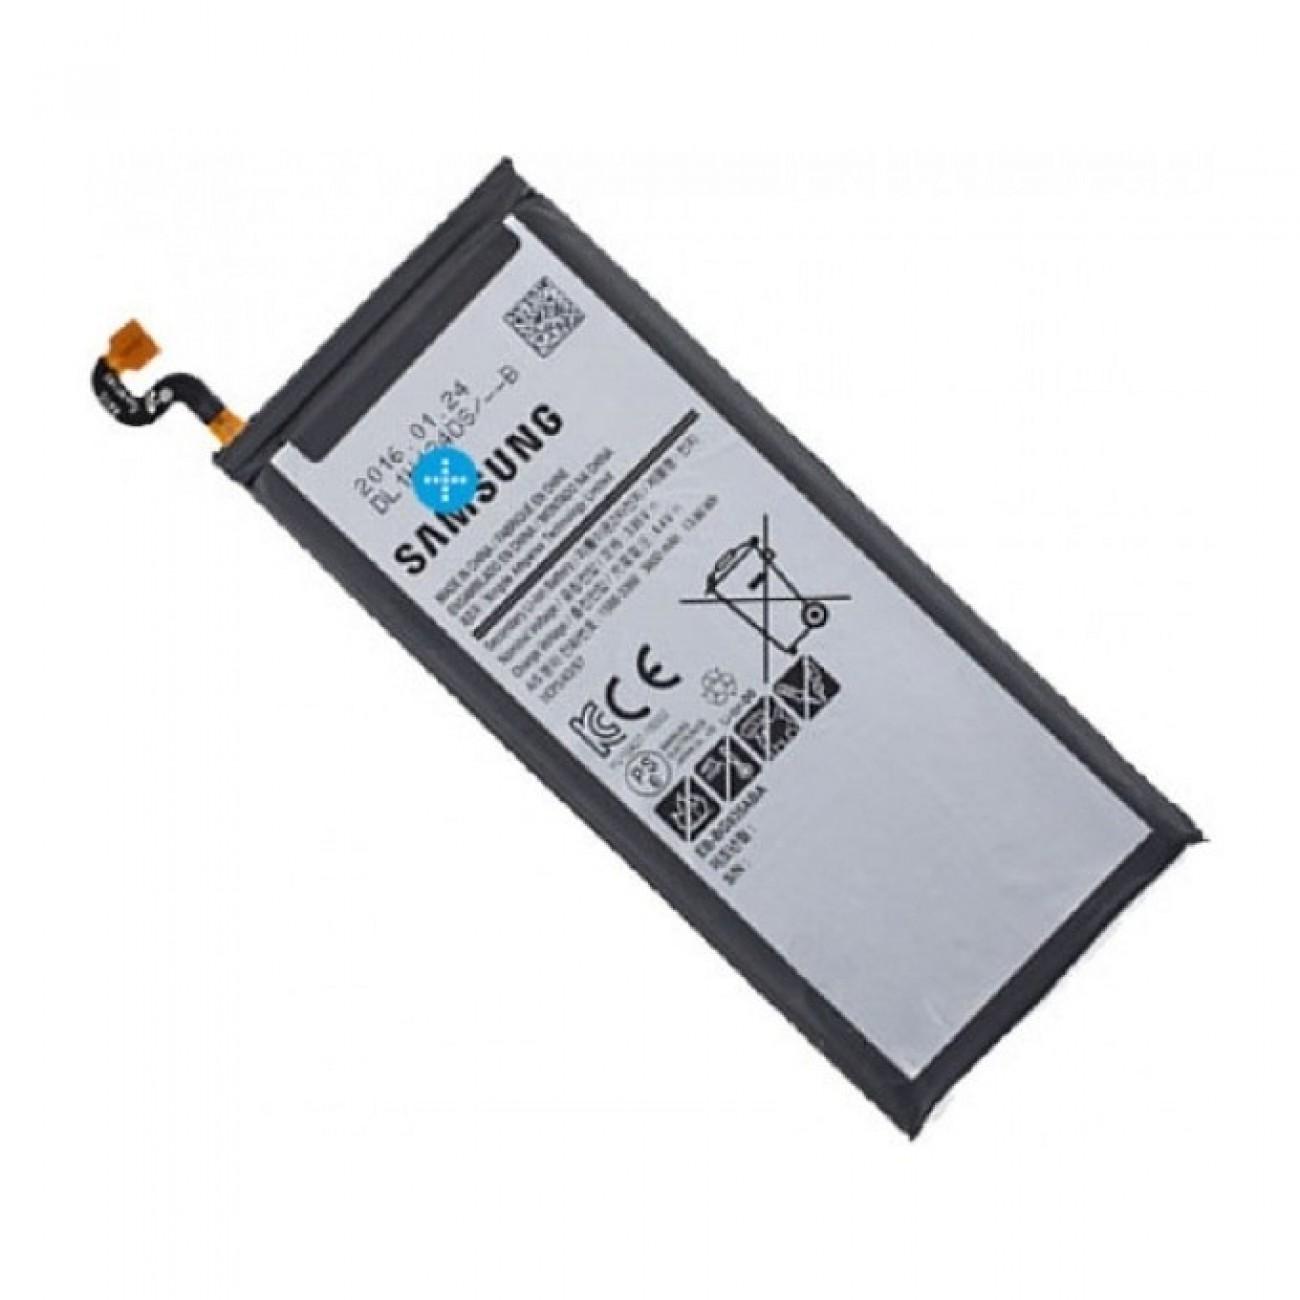 Батерия (заместител) за Samsung Galaxy S7 G930F, 3600mAH/3.85 V в Батерии за Телефони, Таблети -  | Alleop